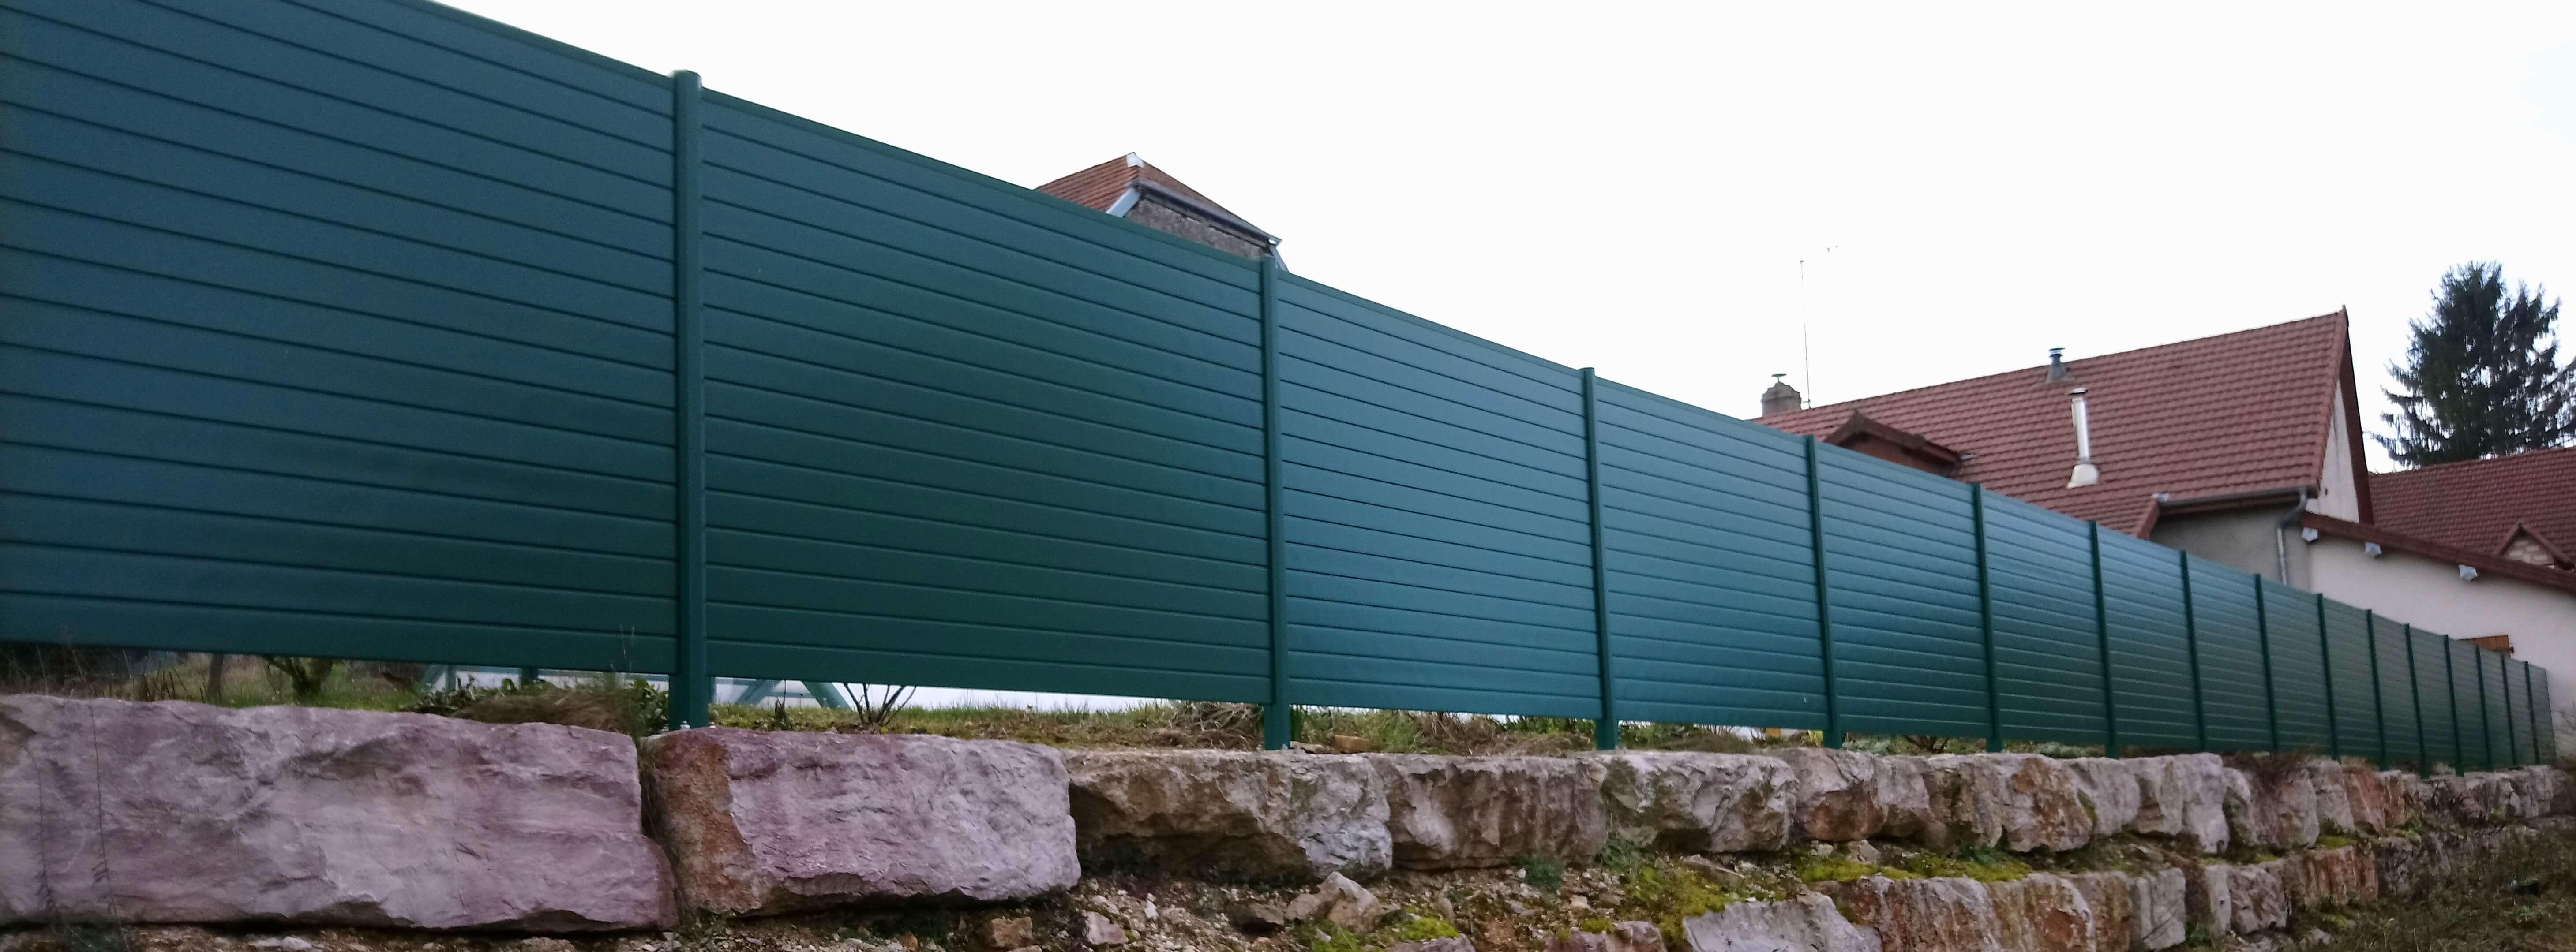 Menuiserie Figard - Fabrication sur mesure - Brise vue - Aluminium - Vesoul